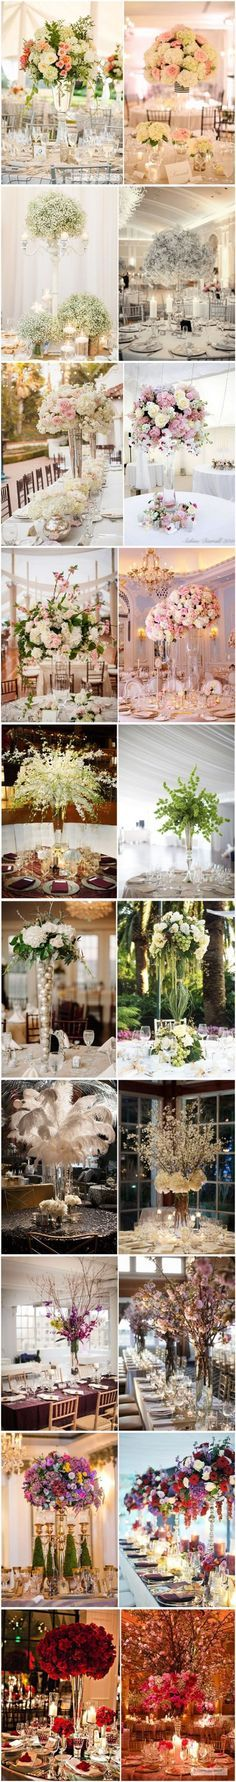 TOP 20 Tall wedding centerpiece ideas: